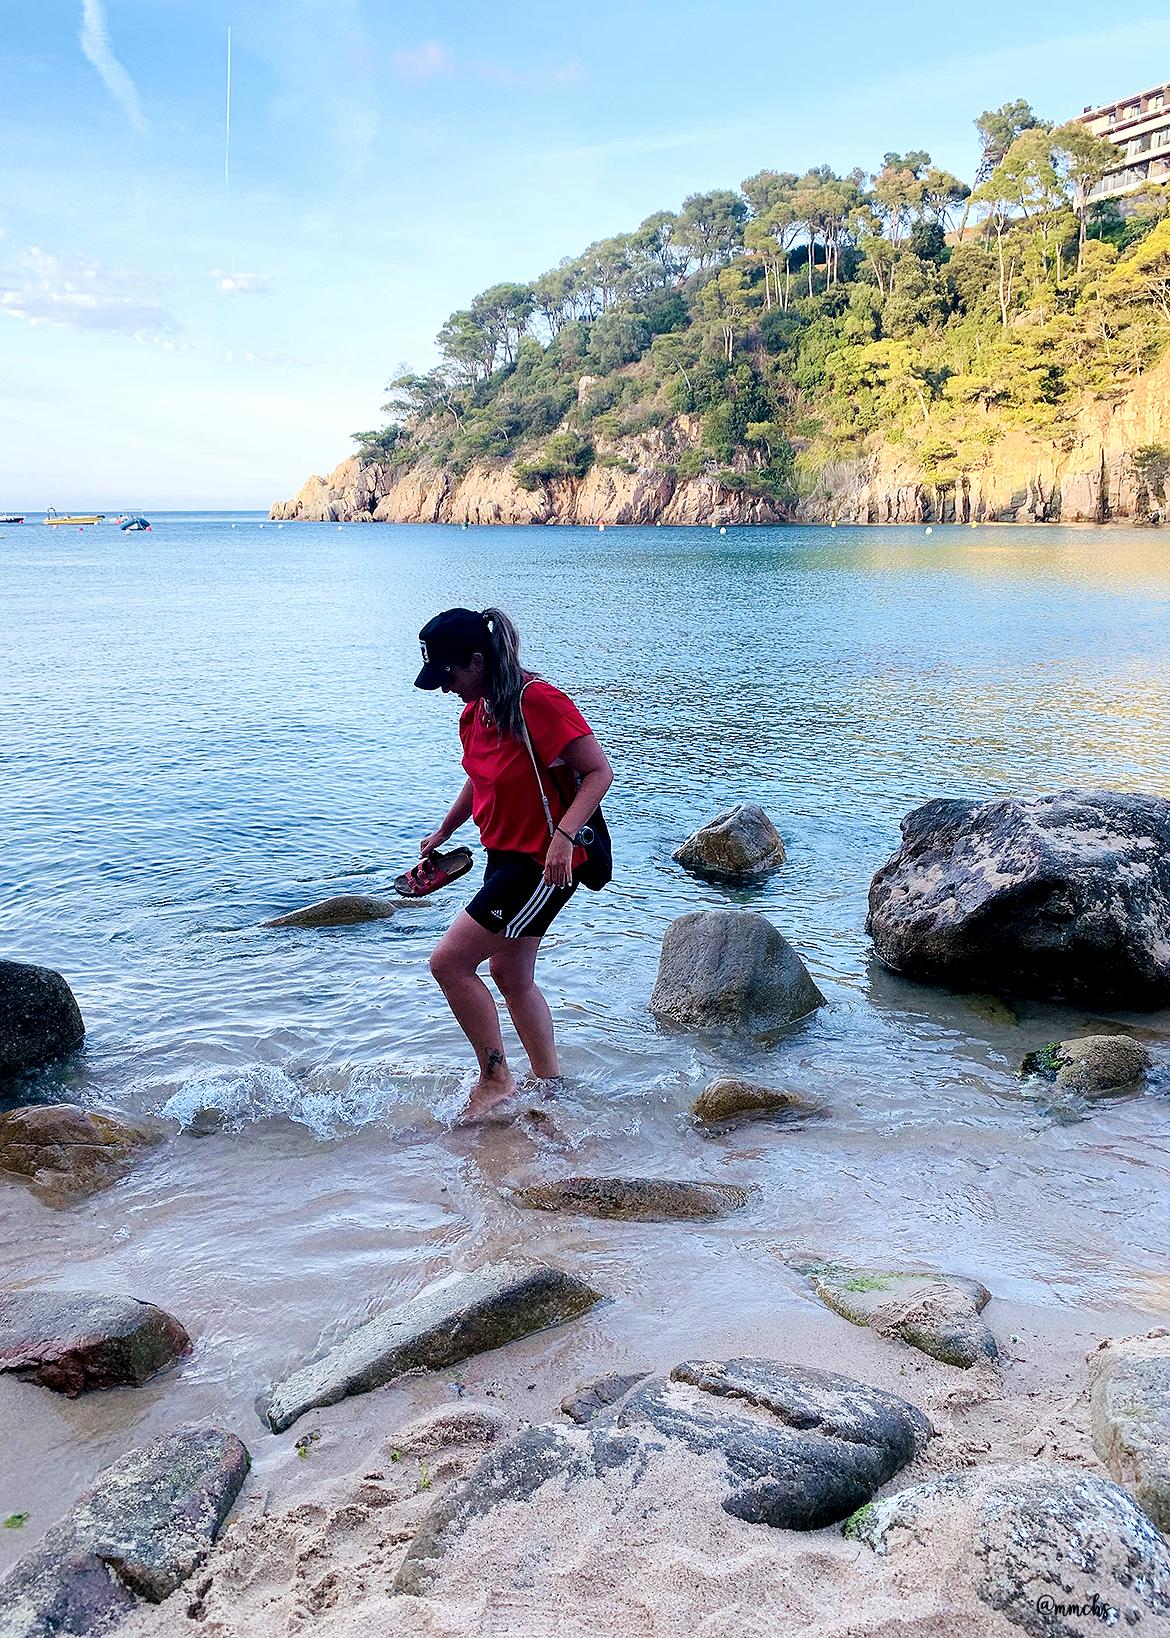 Vacaciones en familia en la Costa Brava, verano 2021